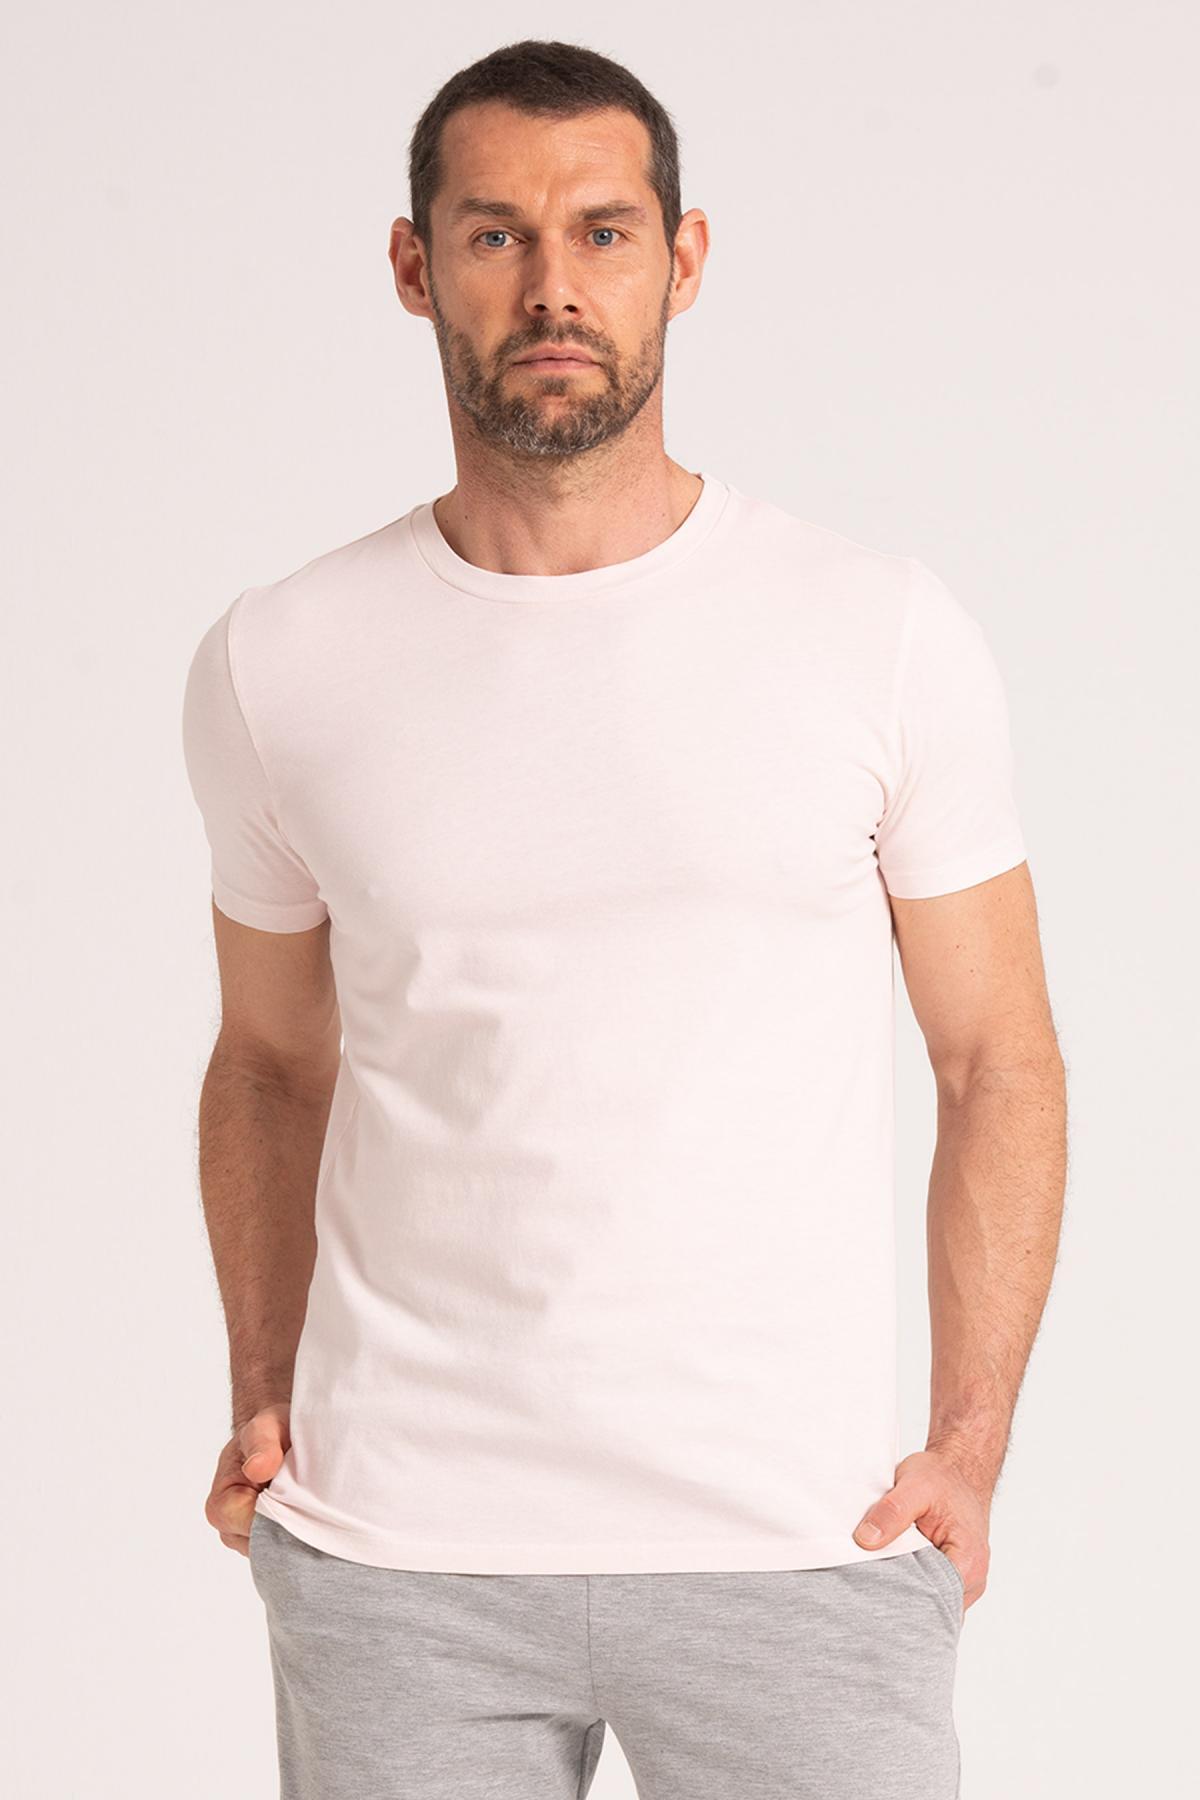 Vintage Effect T-Shirt newces-5010-VP